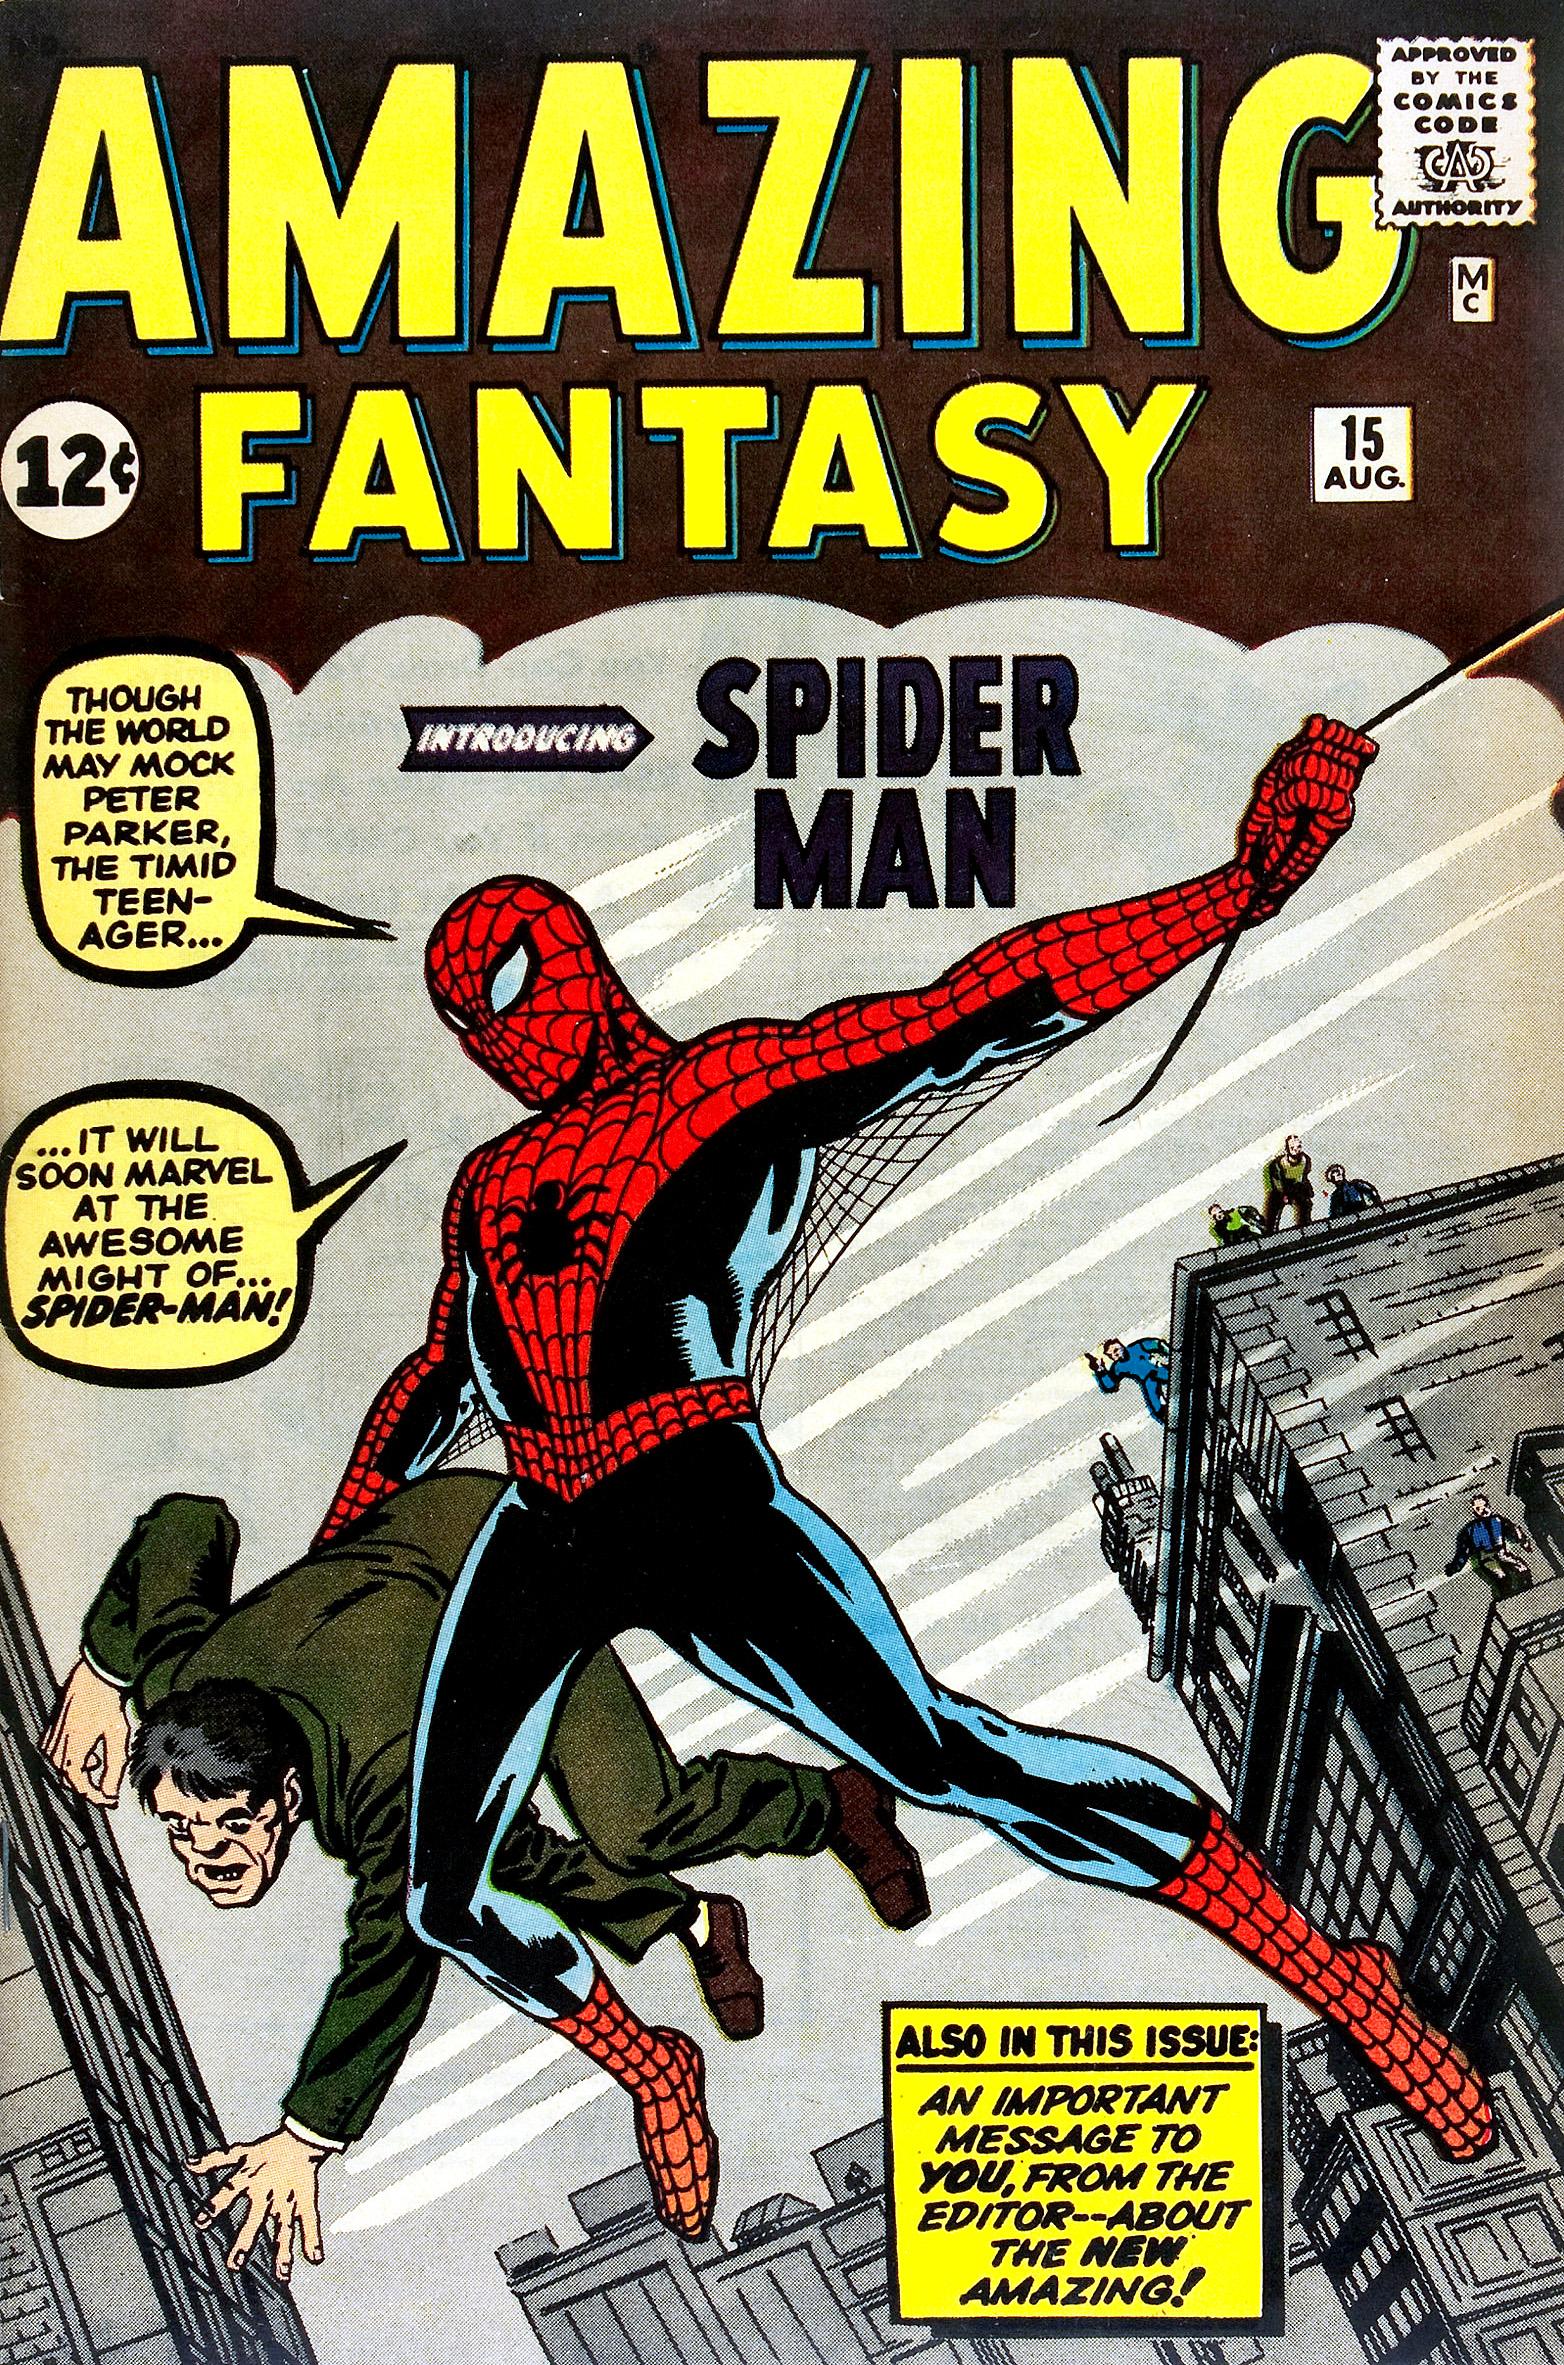 """Titelabbildung Comic-Heft """"Amazing Fantasy"""" Nummer 15 (Spider-Man)"""